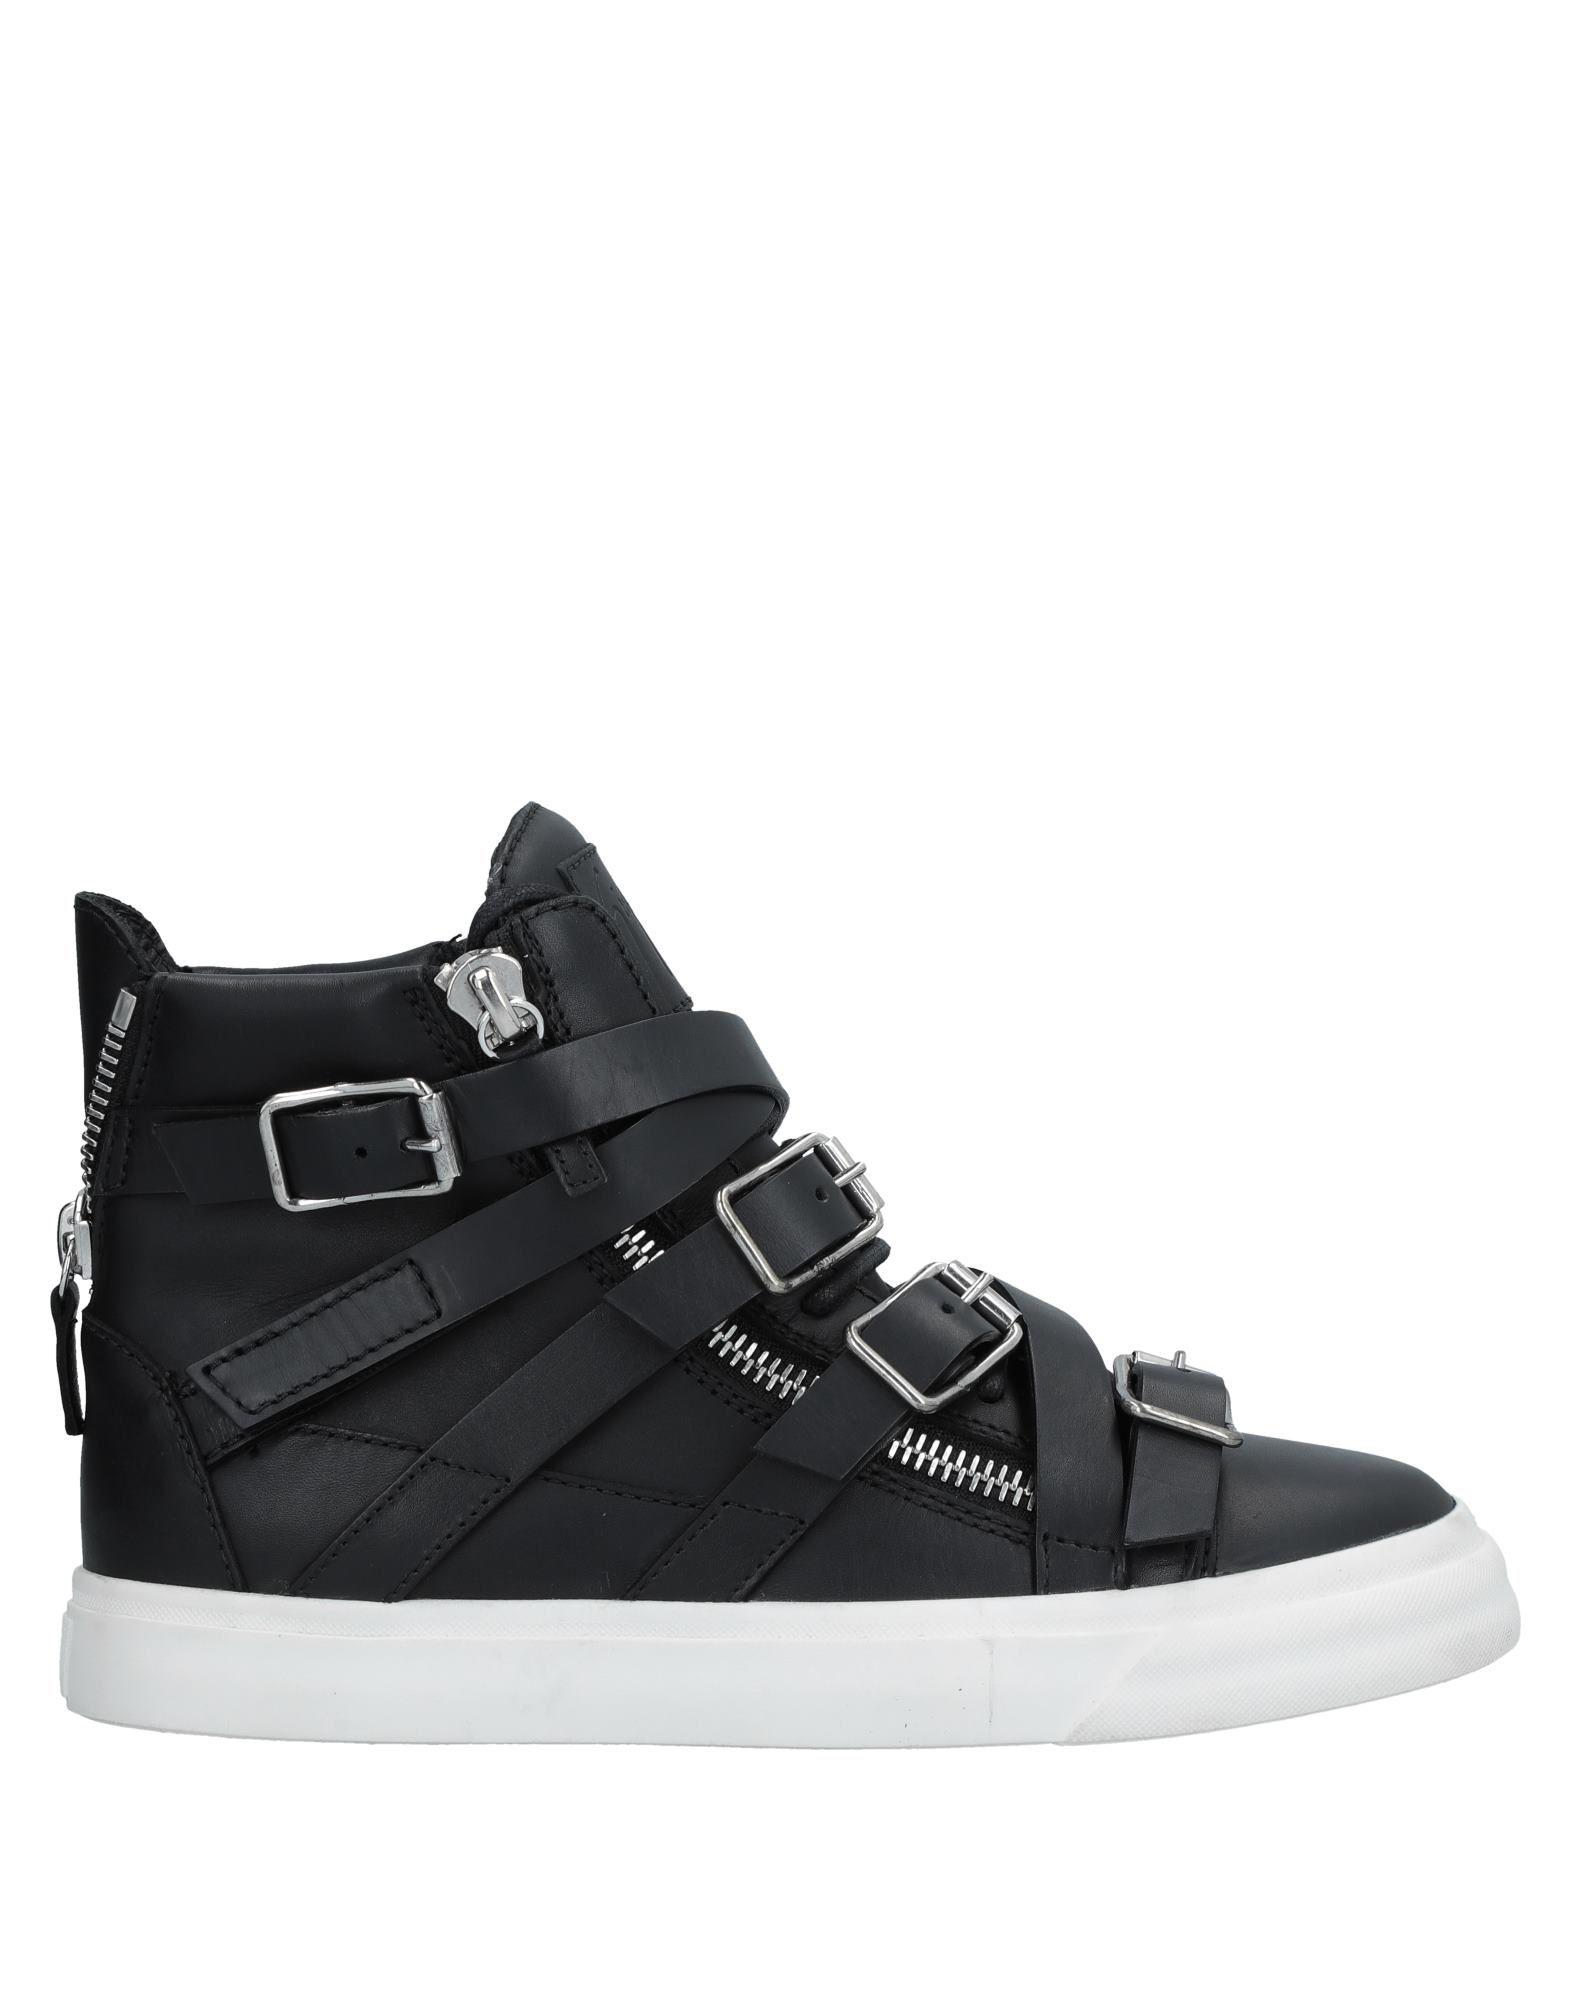 Giuseppe Zanotti Zanotti Sneakers - Women Giuseppe Zanotti Zanotti Sneakers online on  Canada - 11495704SU 1d5470